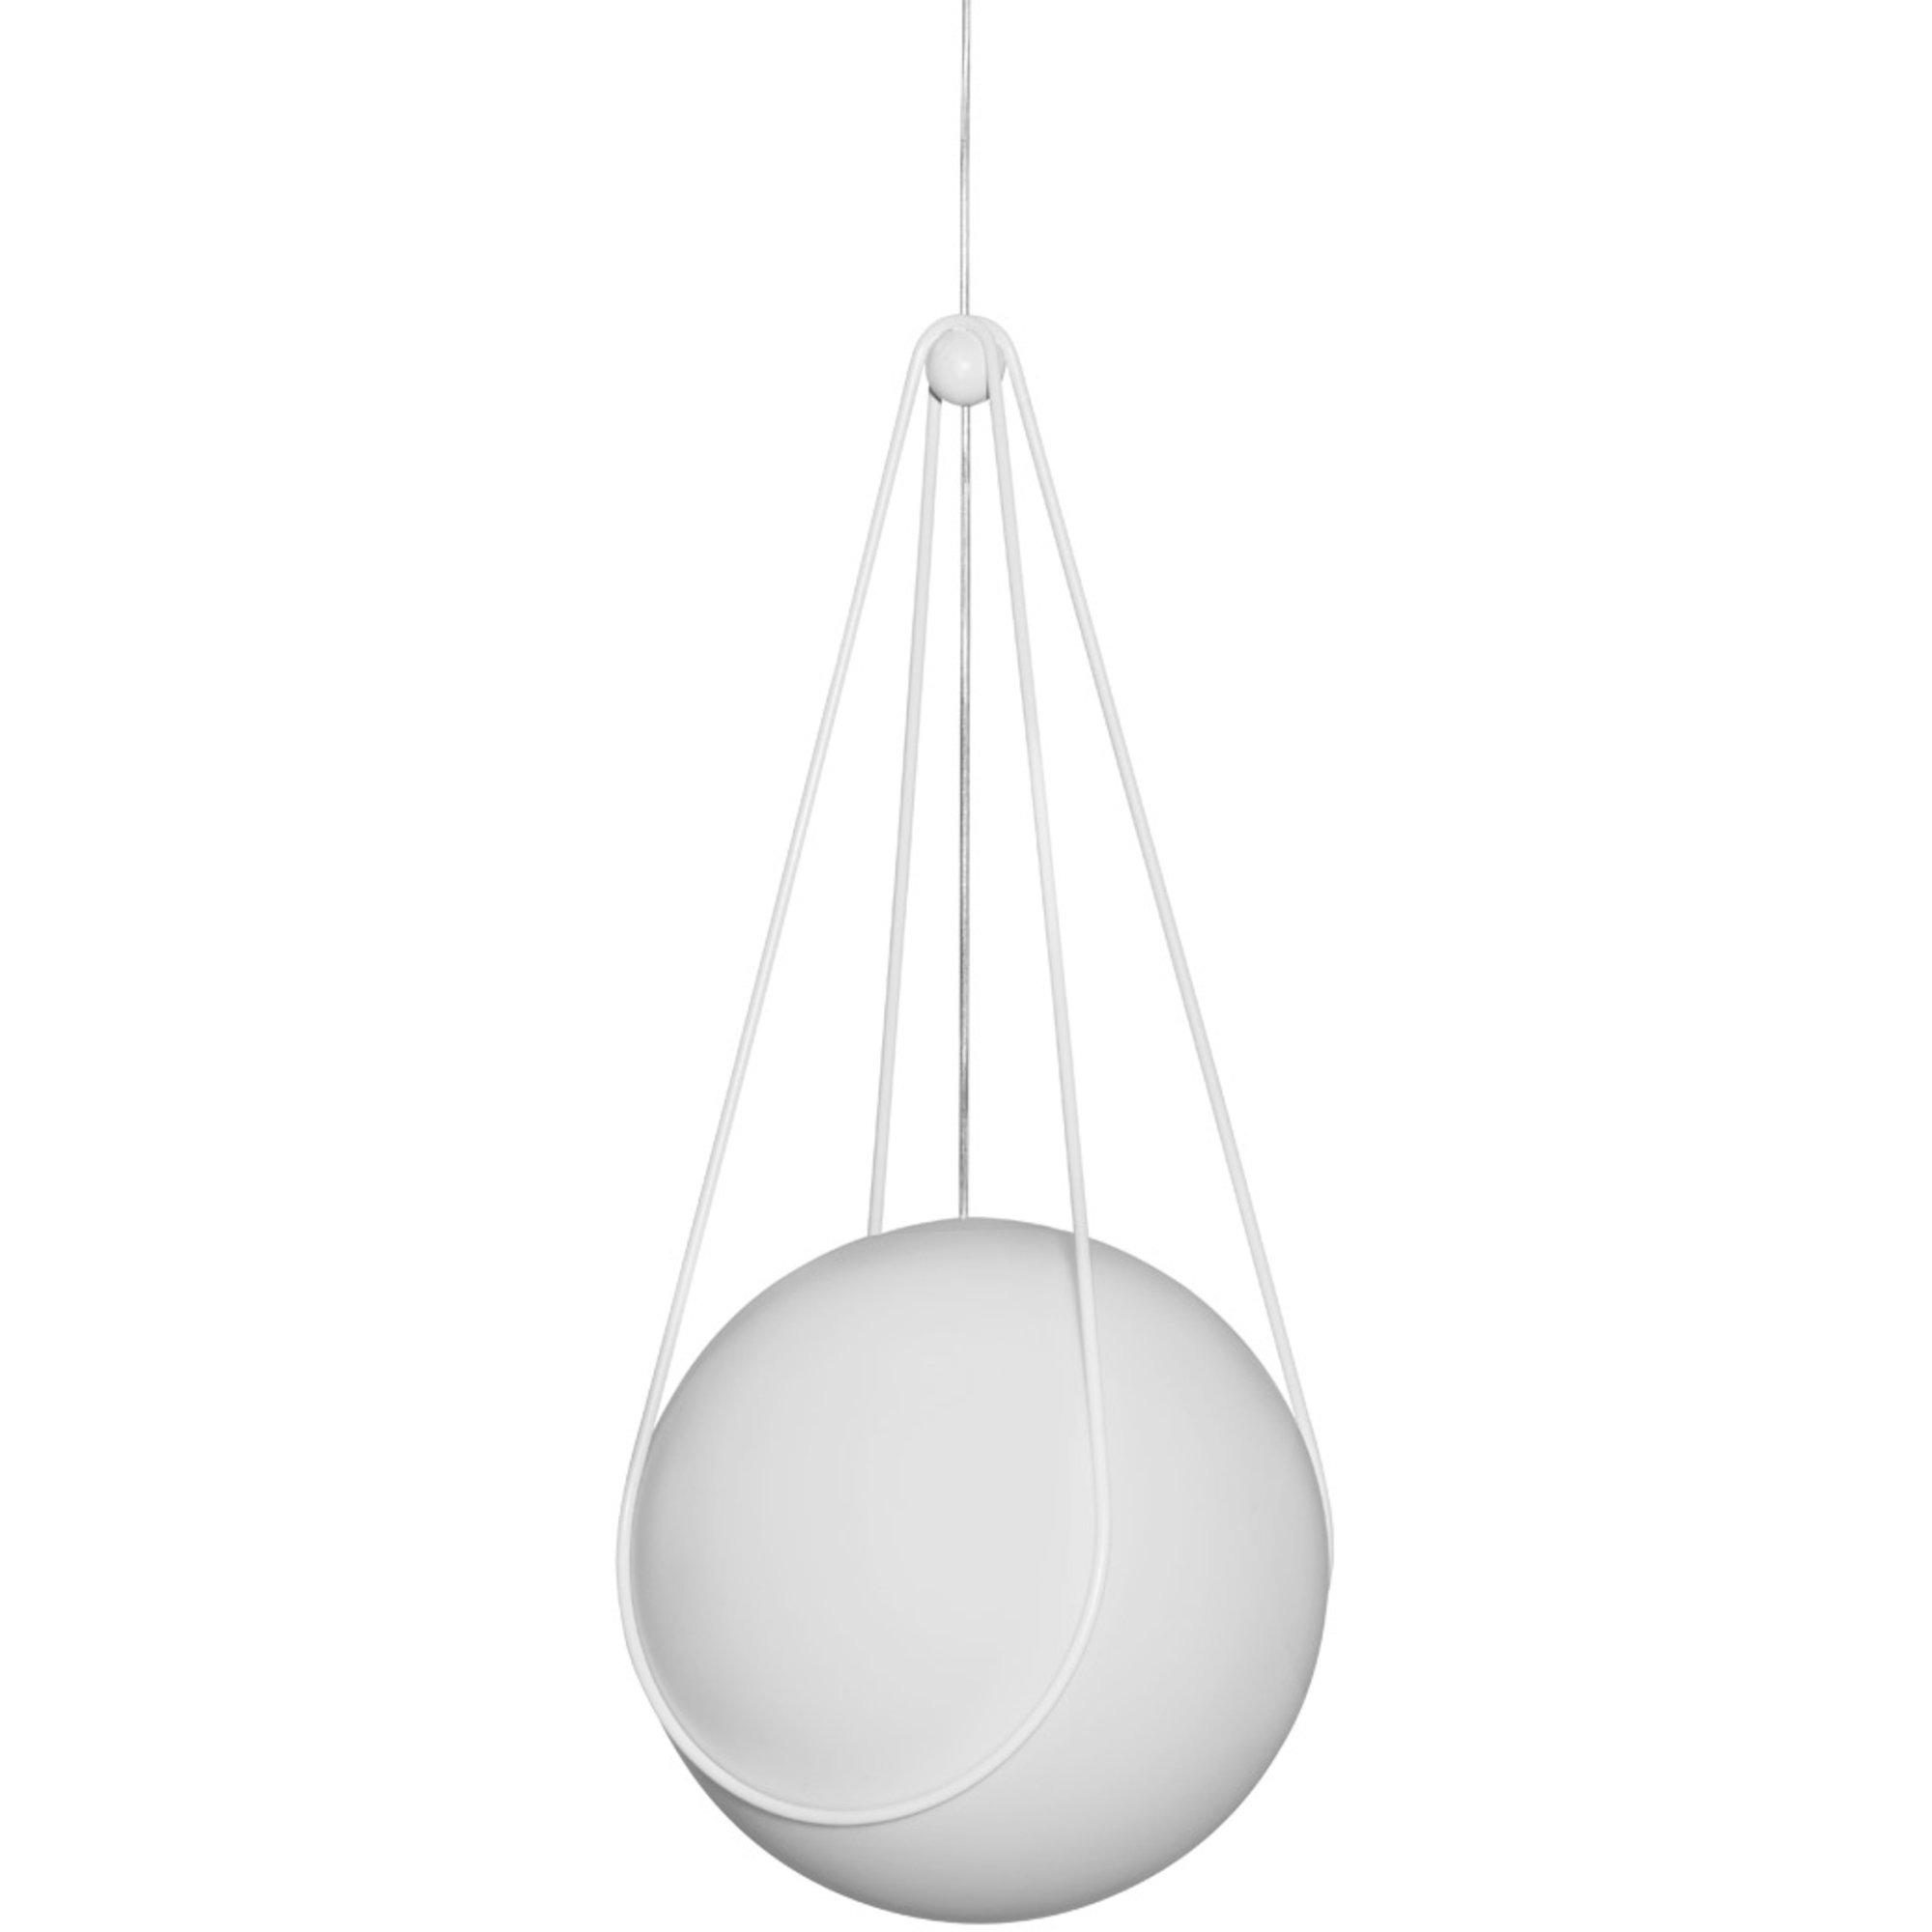 Design House Stockholm Kosmos hållare för Luna Lampa Vit 40cm